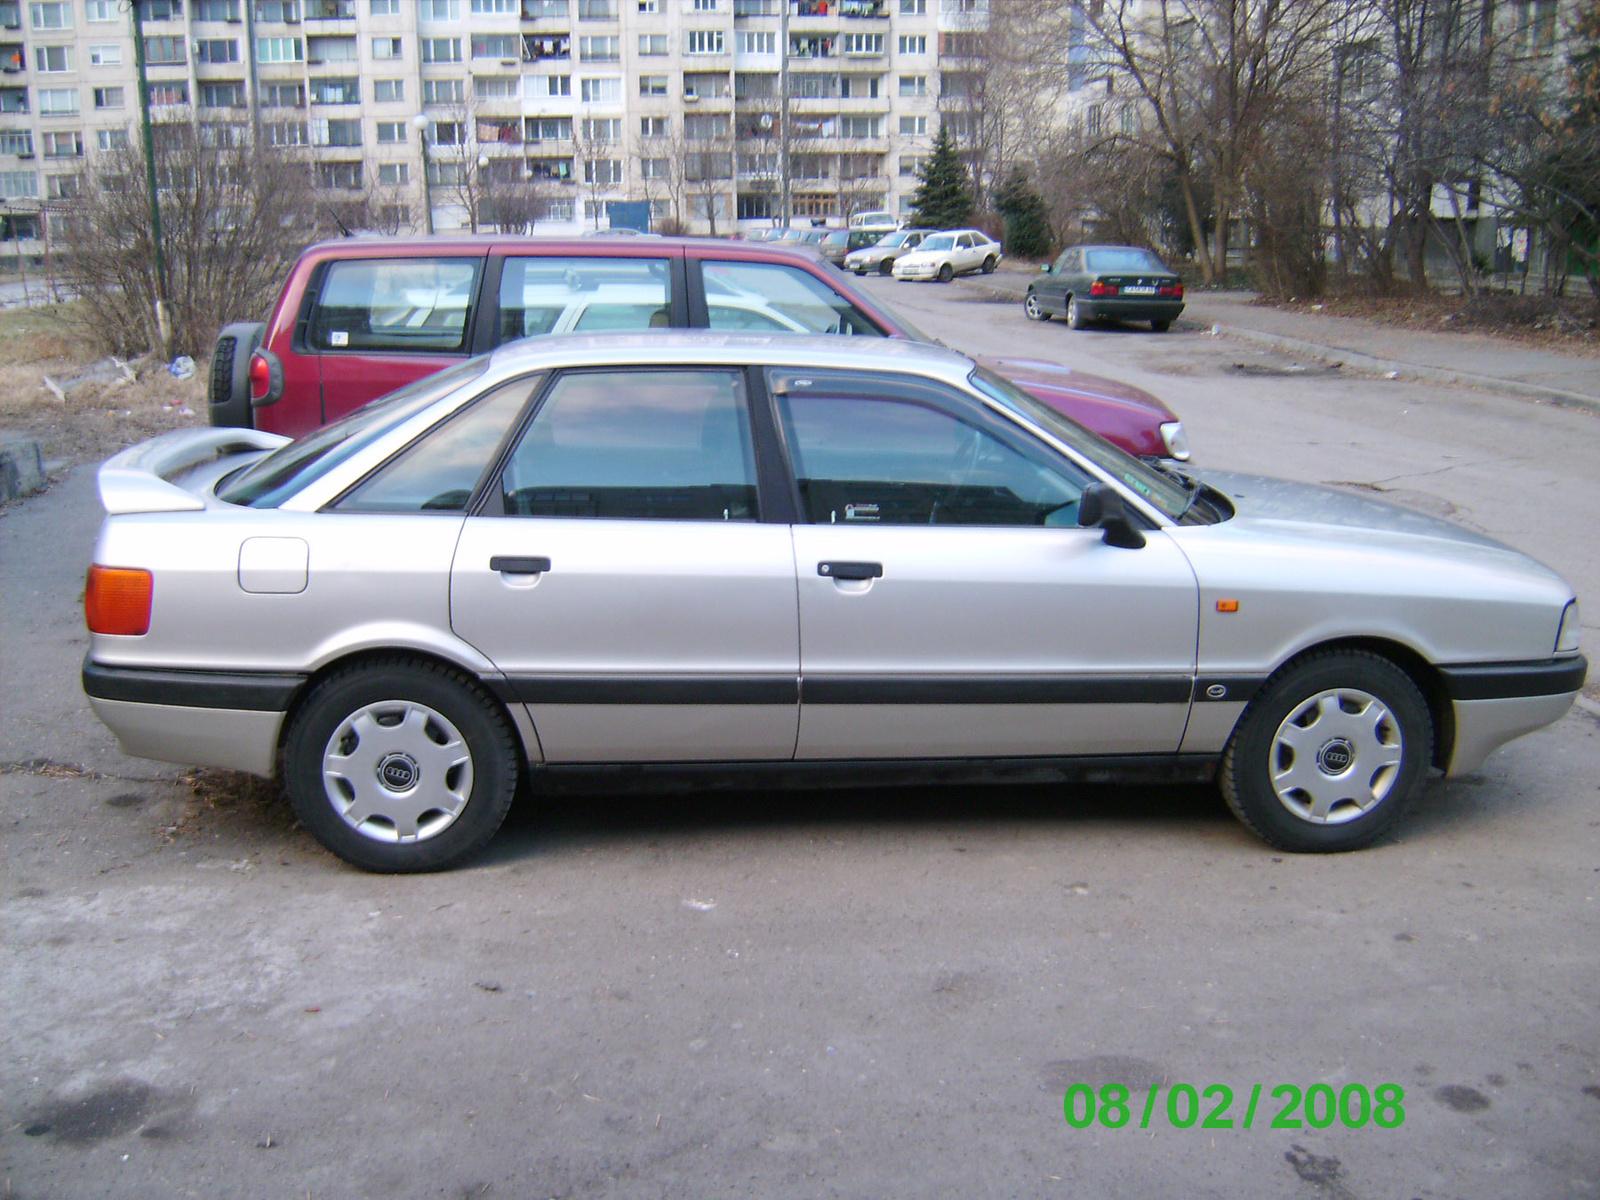 1990 Audi 80 - Exterior Pictures - CarGurus